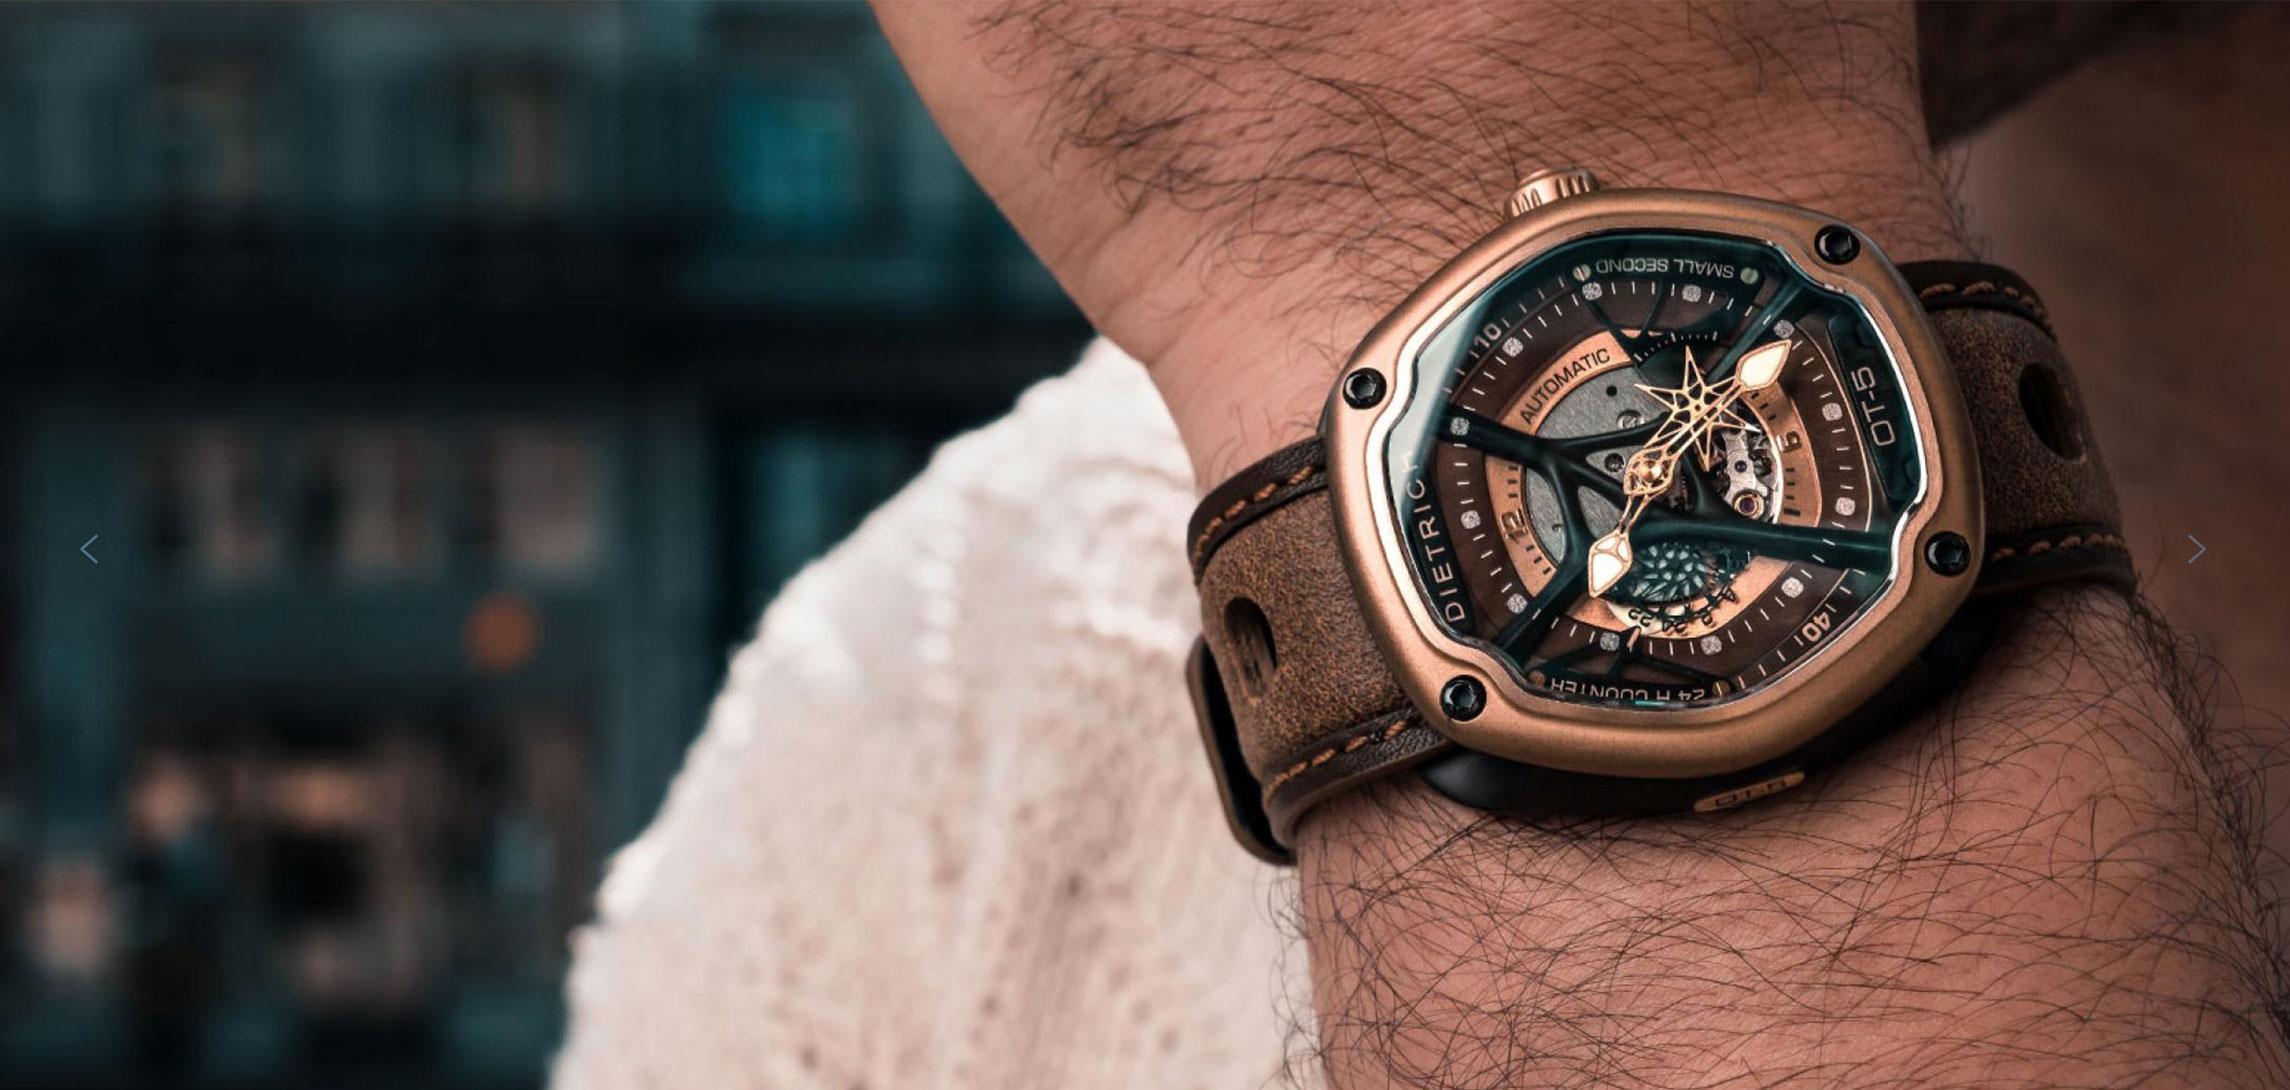 Montre Design : La Dietrich Organic Time, notre coup de coeur.